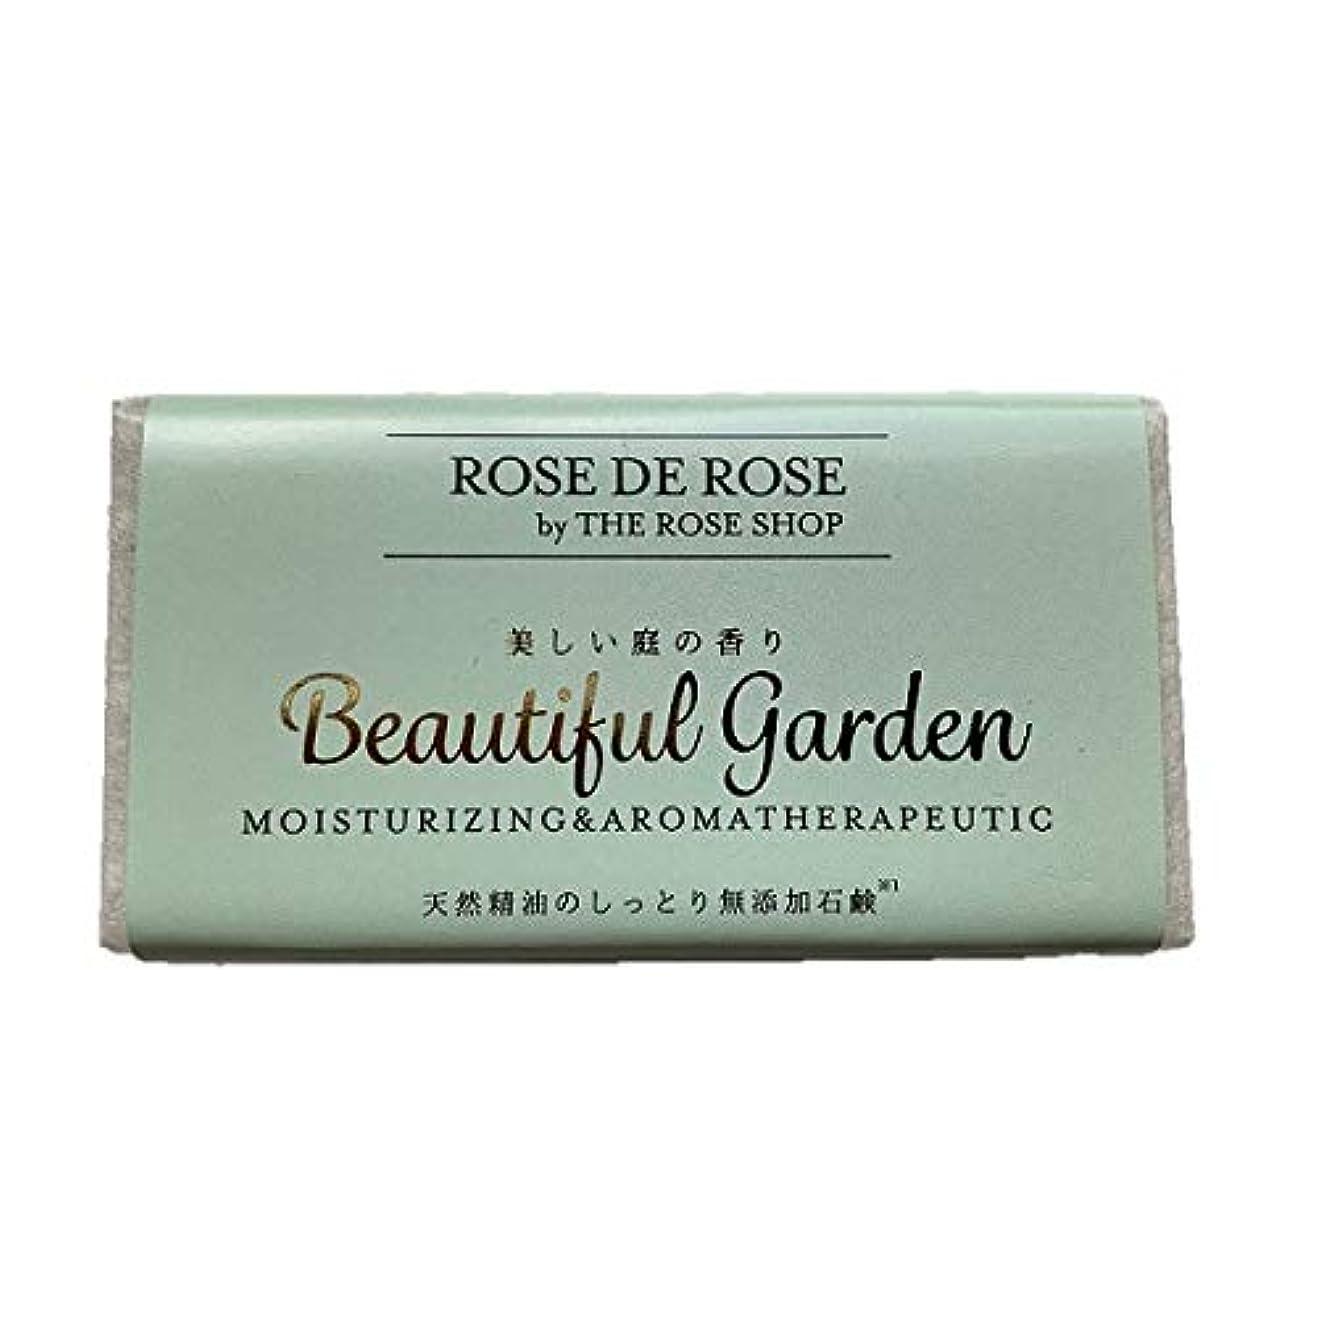 言及するひどい恥ずかしい天然精油の無添加石鹸 「美しい庭の香り ビューティフルガーデン」